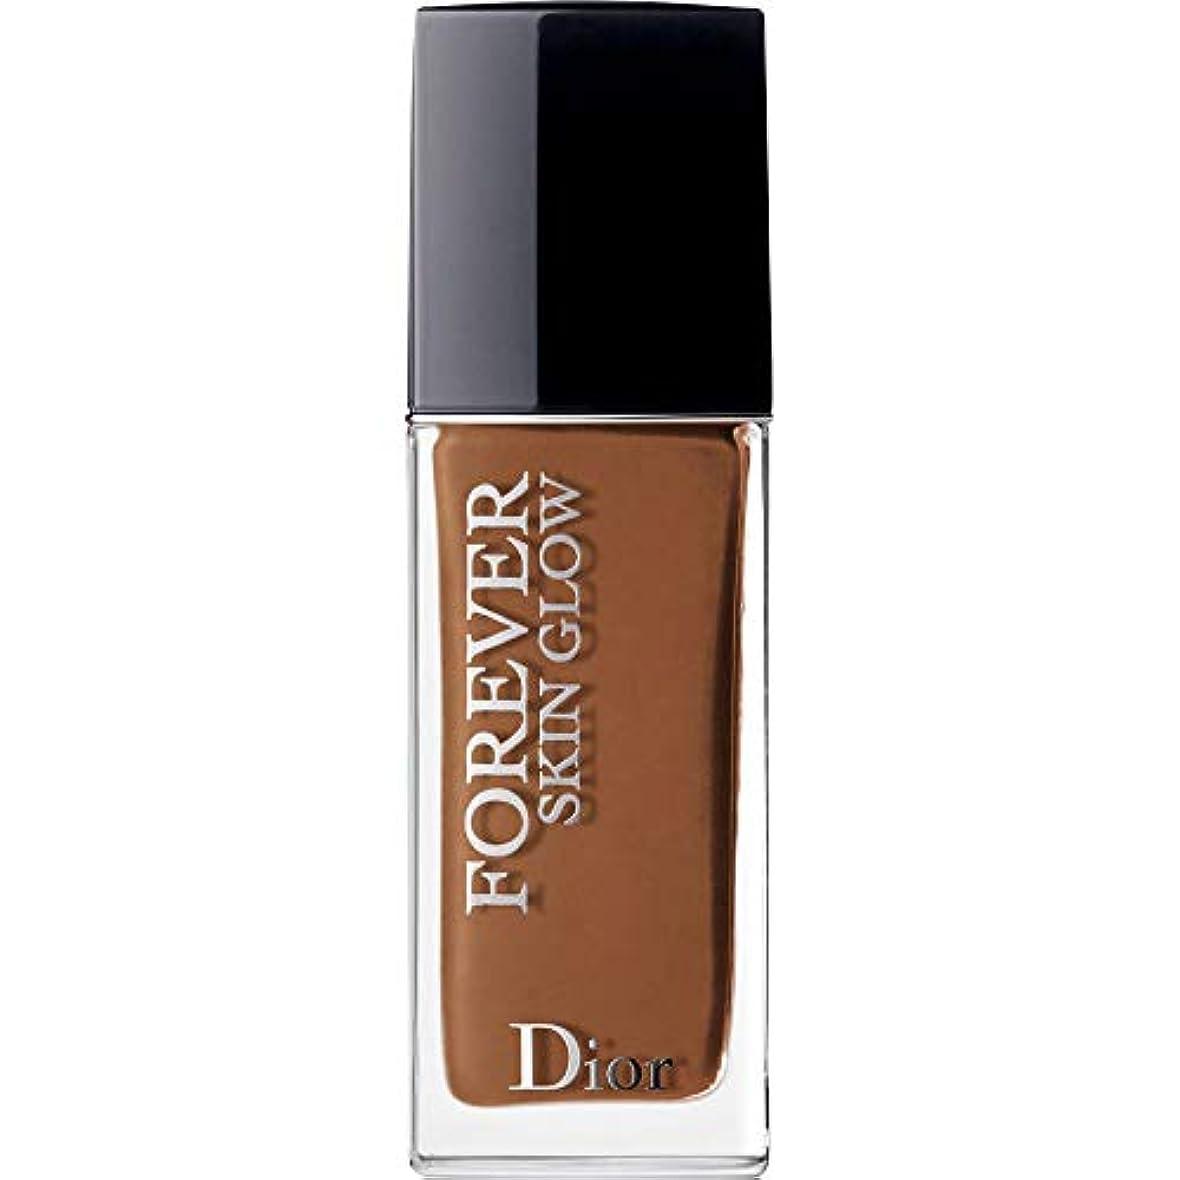 悪用スタイル詩[Dior ] ディオール永遠に皮膚グロー皮膚思いやりの基礎Spf35 30ミリリットルの8N - ニュートラル(肌の輝き) - DIOR Forever Skin Glow Skin-Caring Foundation...